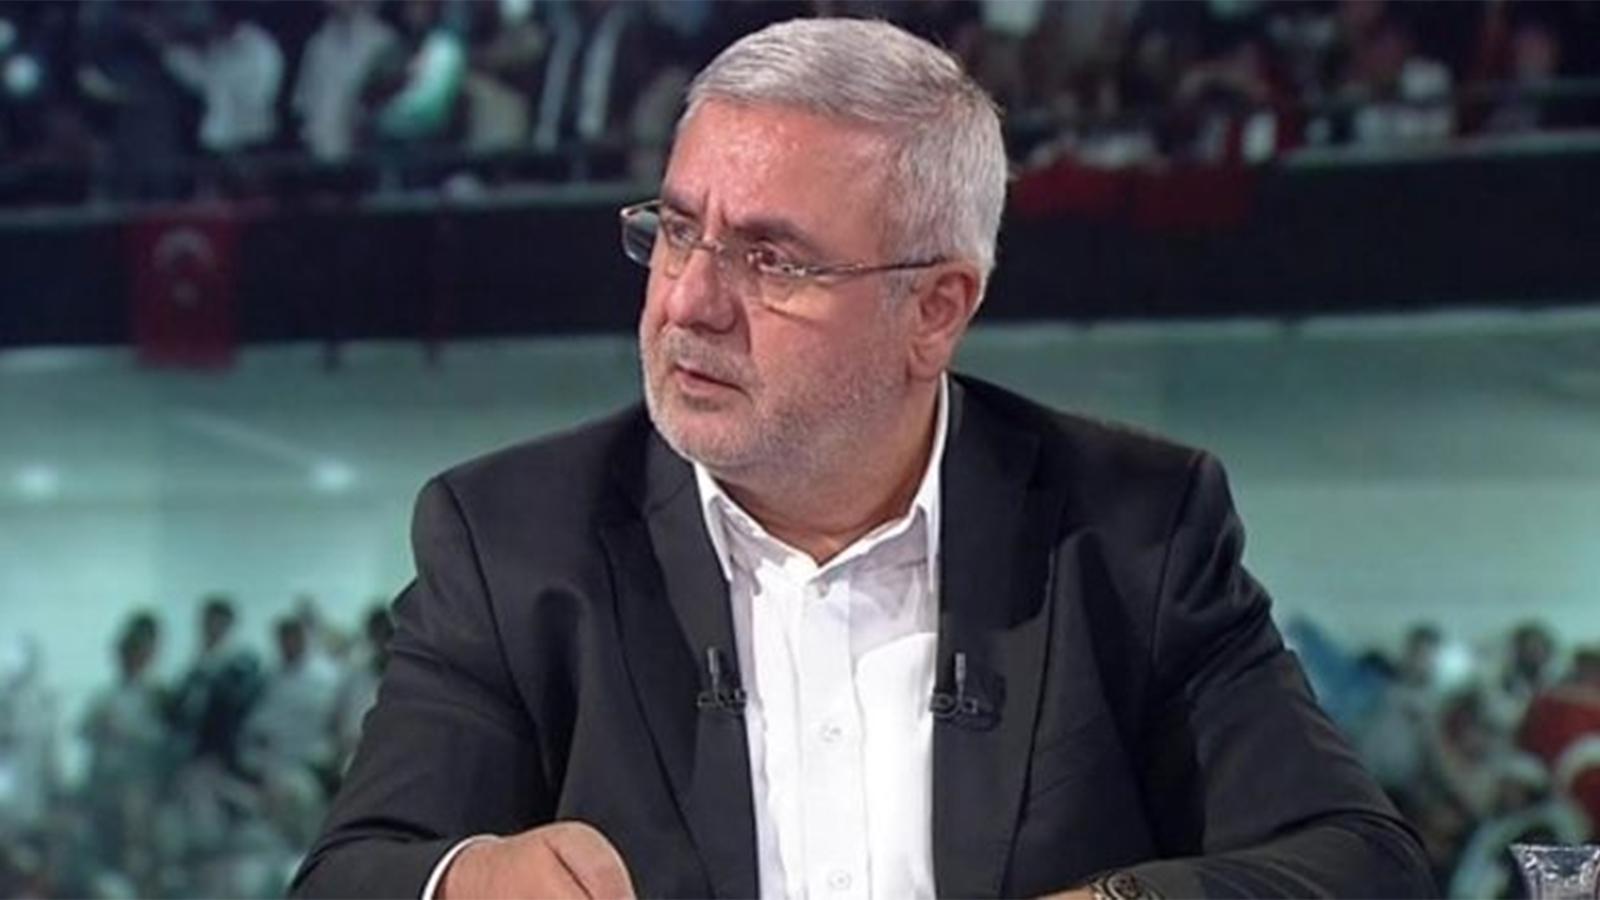 AKP'li Metiner: FETÖ'nün siyasi ayağı, Kılıçdaroğlu CHP'sidir